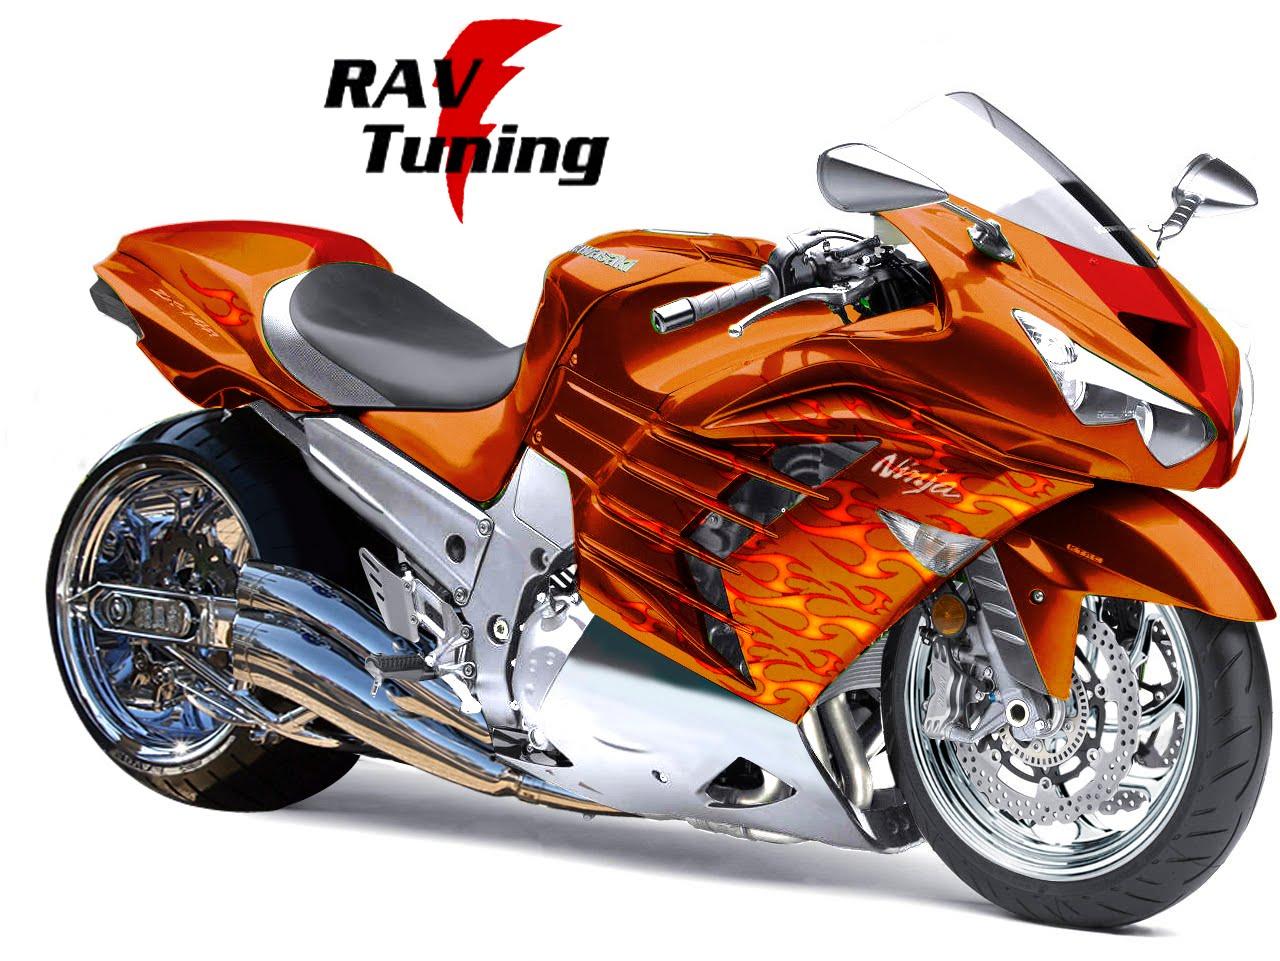 Rav Tuning: The flaming NINJA ZX-14R 2012 !!!